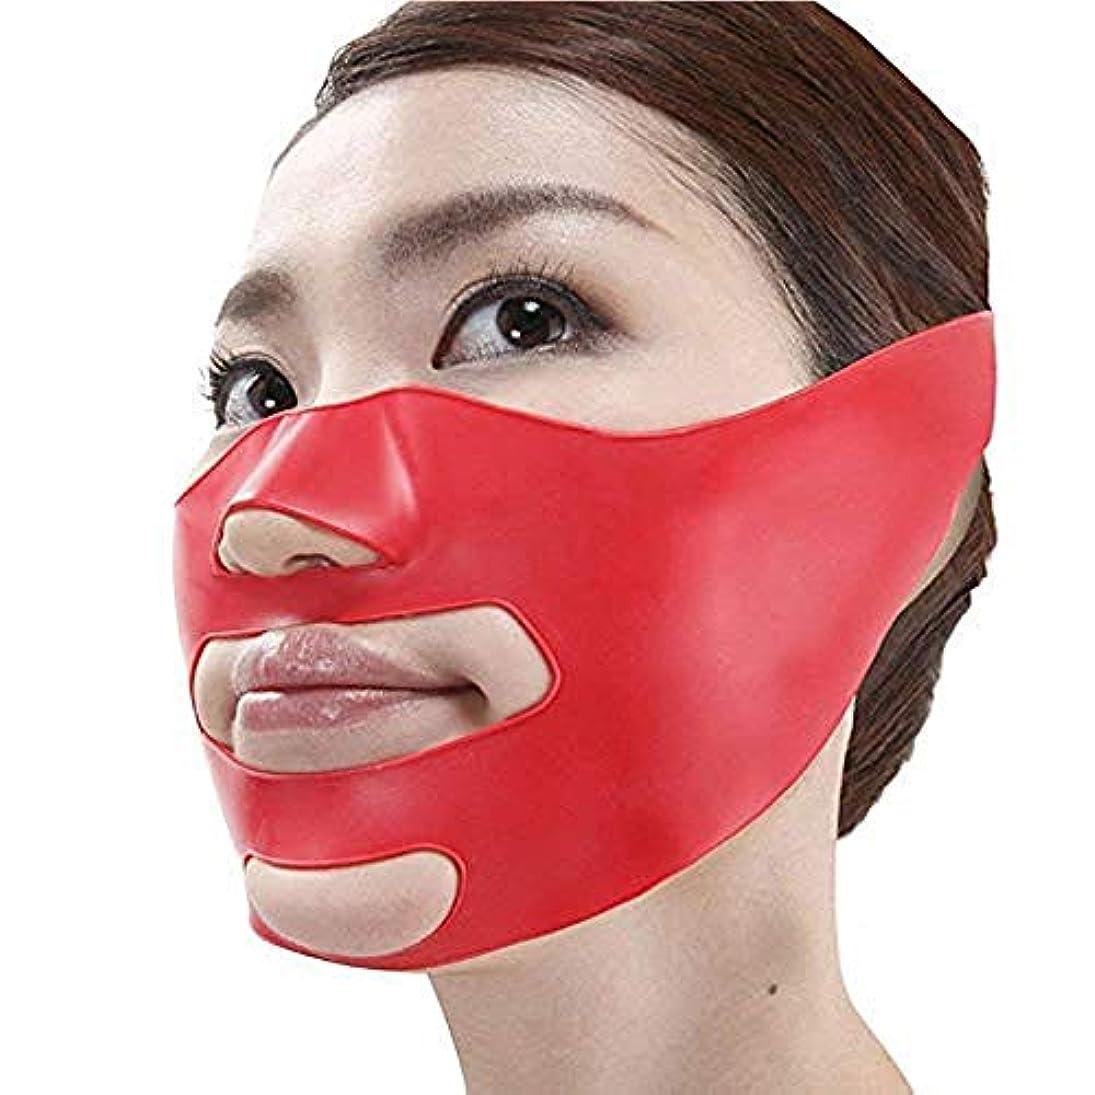 アラブサラボセッティング救いMilent 小顔矯正 マスク 小顔補正ベルト ほうれい線 リフトスリムマスク 3Dエクササイズマスク 法令線予防 抗シワ サウナマスク 美顔 フリーサイズ